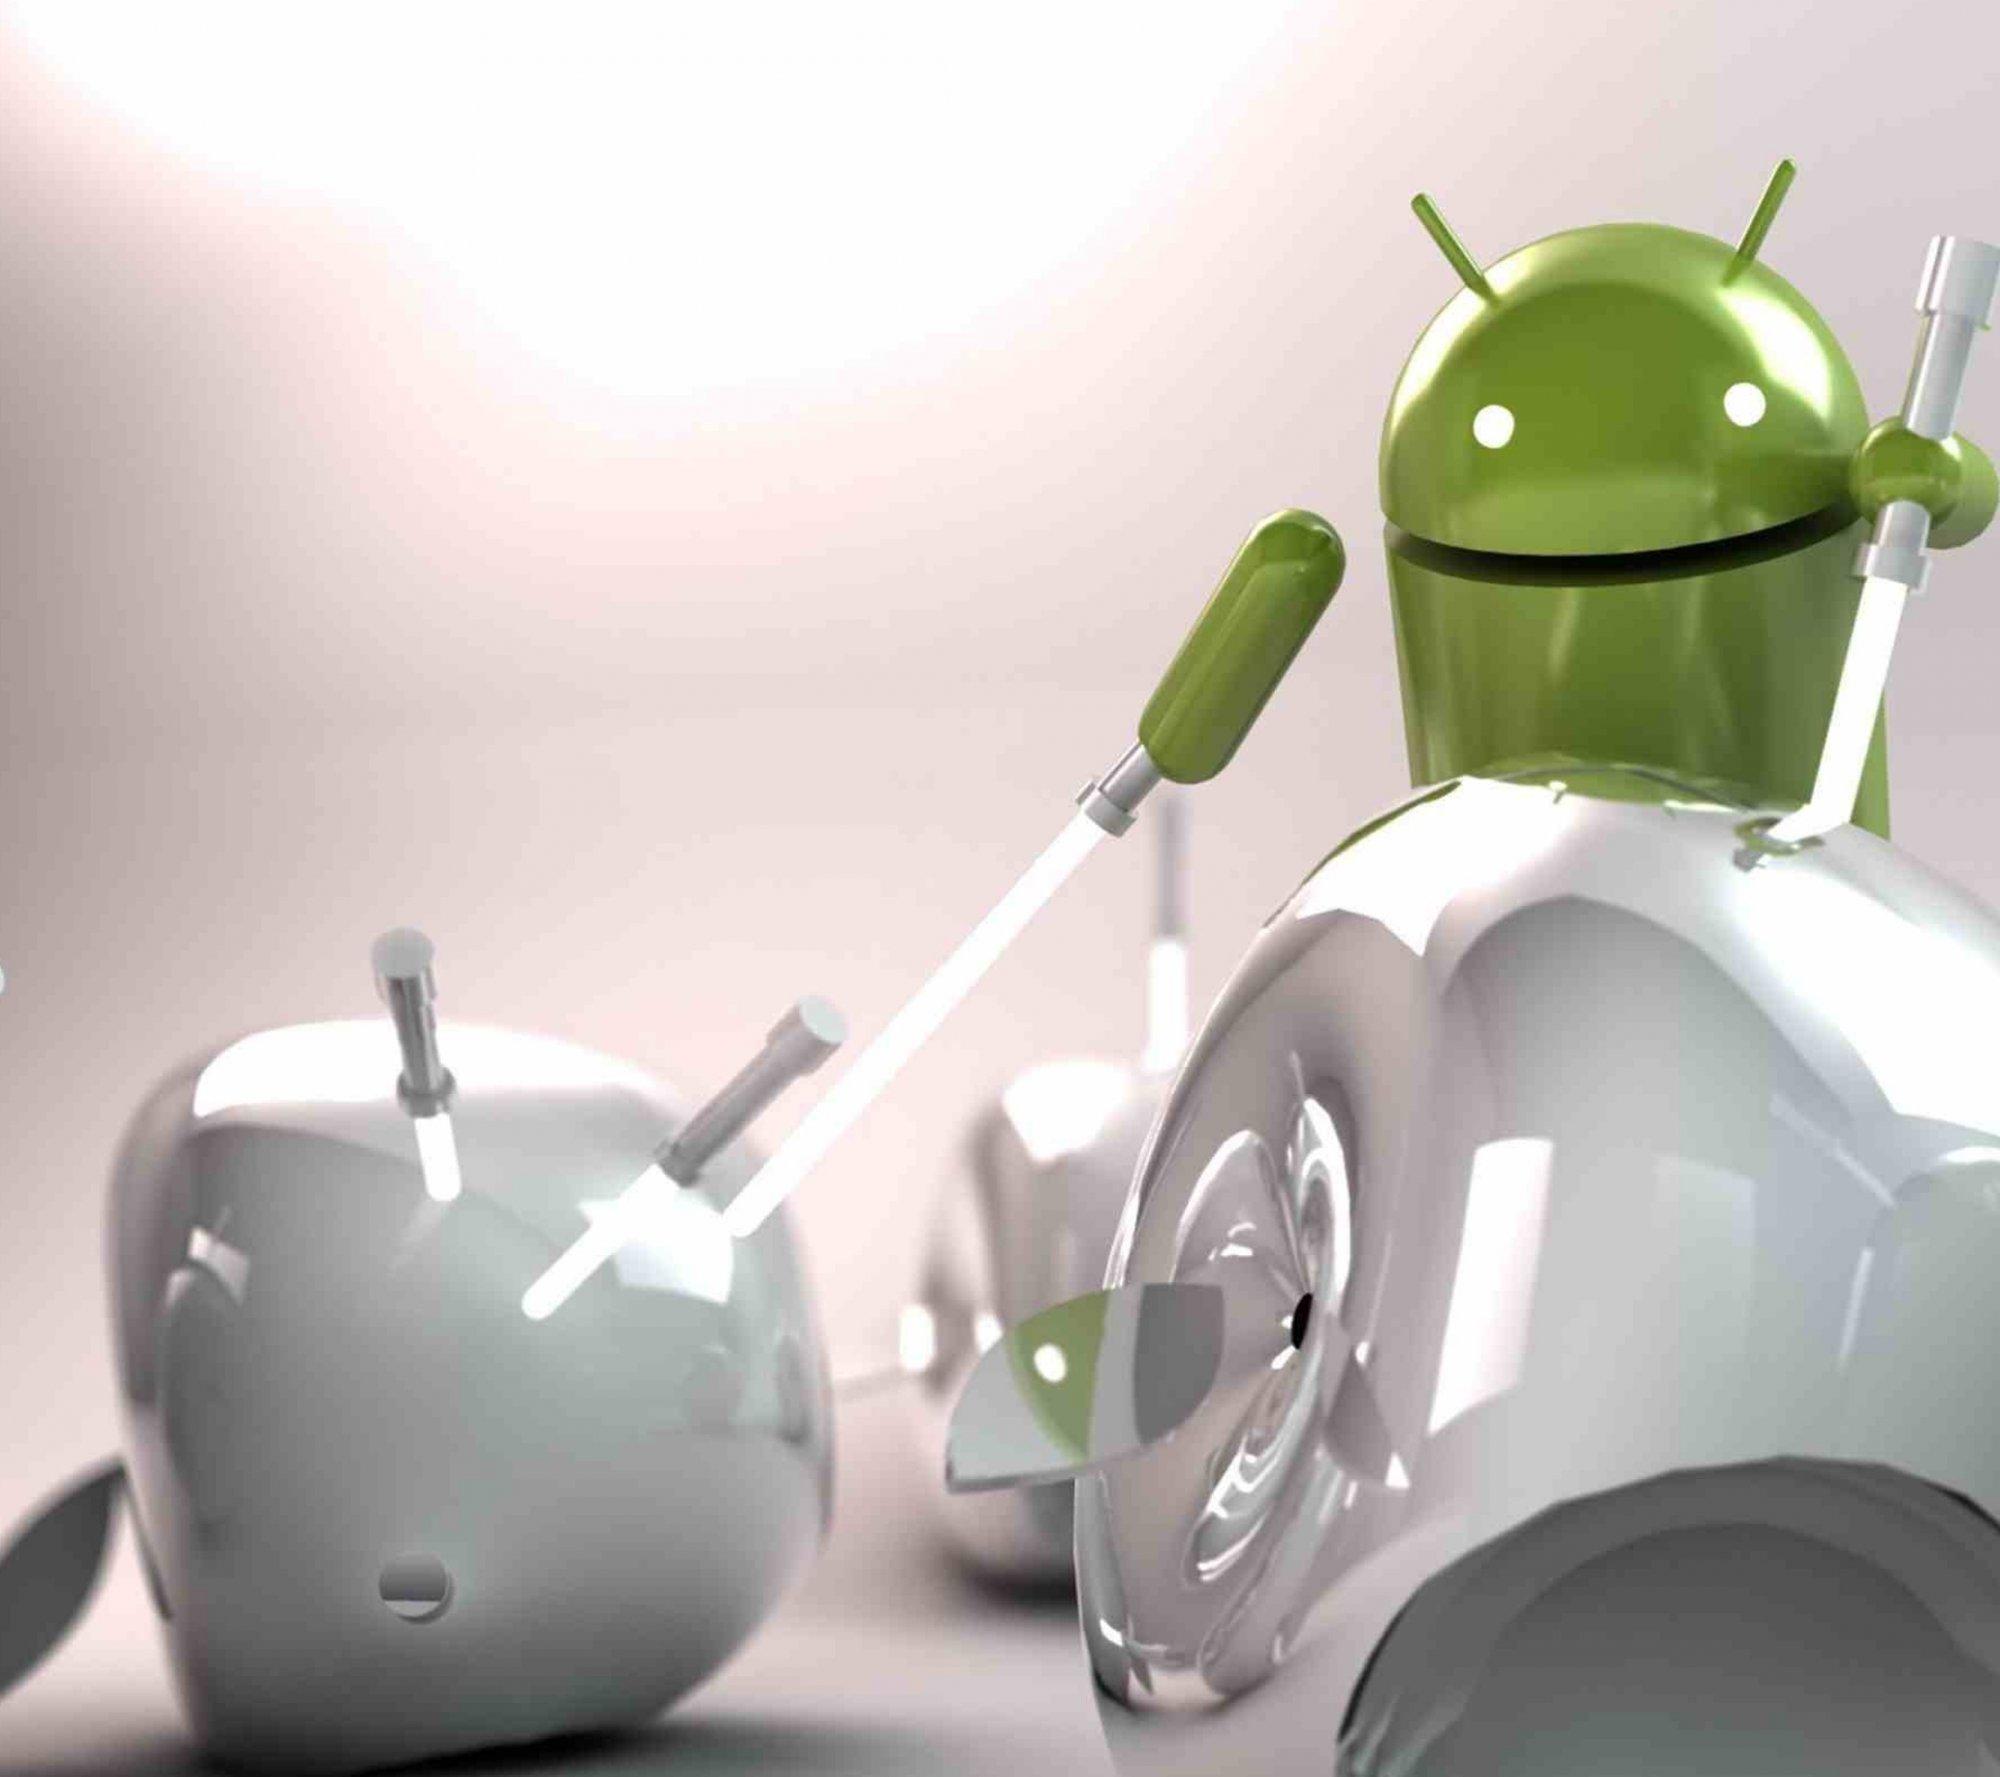 Android_vs_Apple-wallpaper-10252793.jpg